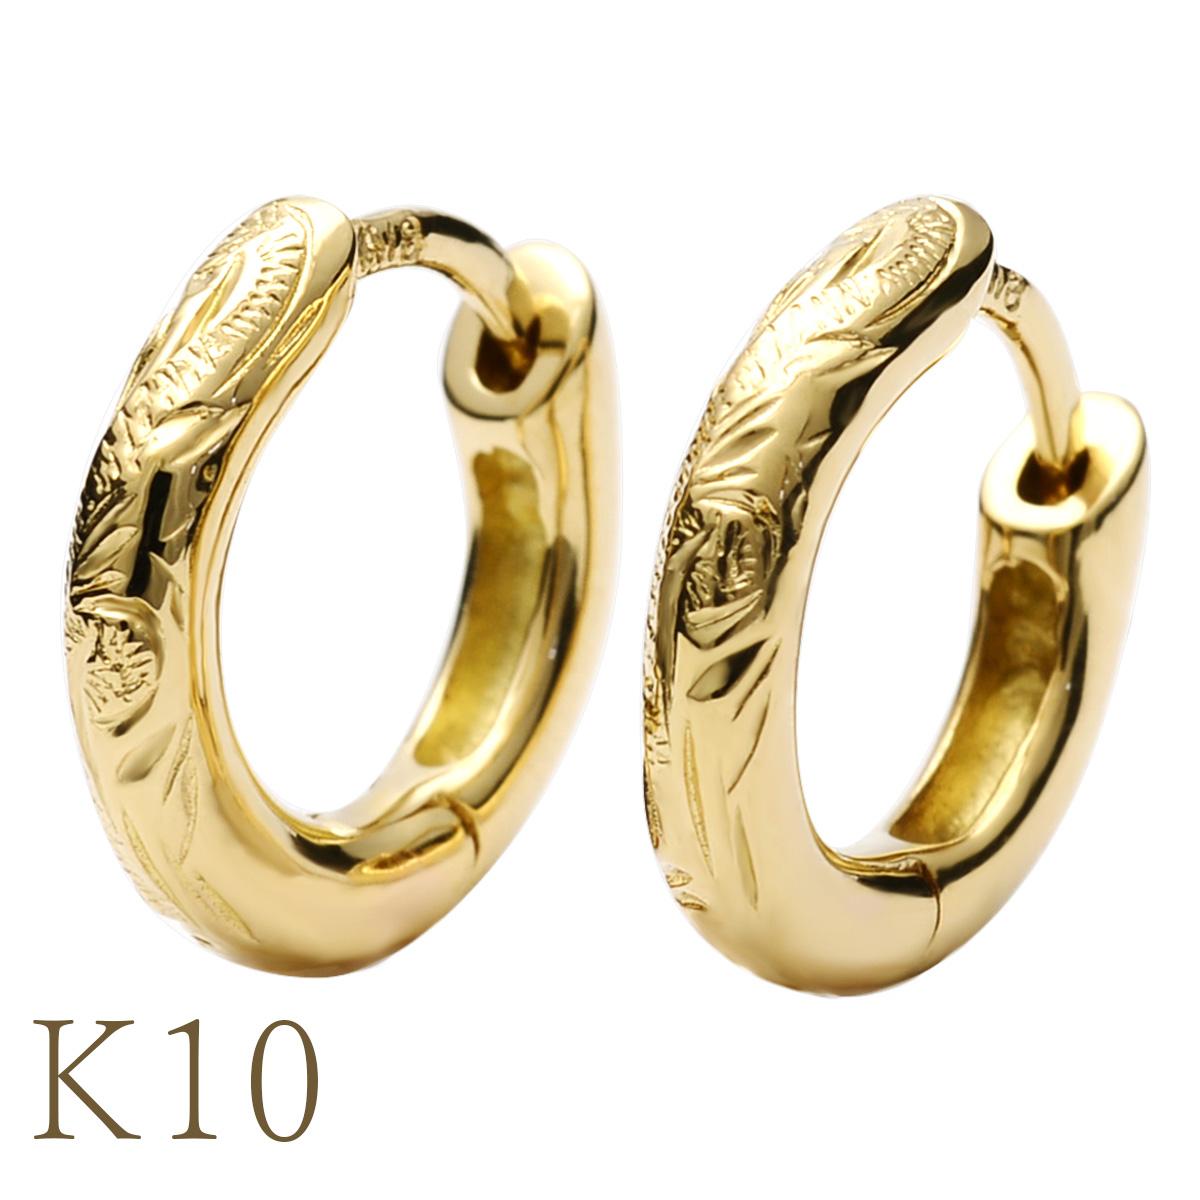 ハワイアンジュエリー ピアス 10金 ピアス ピアス 10金 ピアス ピアスリッチスクロールミニ・フープピアス ゴールドピアス (K10ホワイトゴールド 10金) aer54101gap